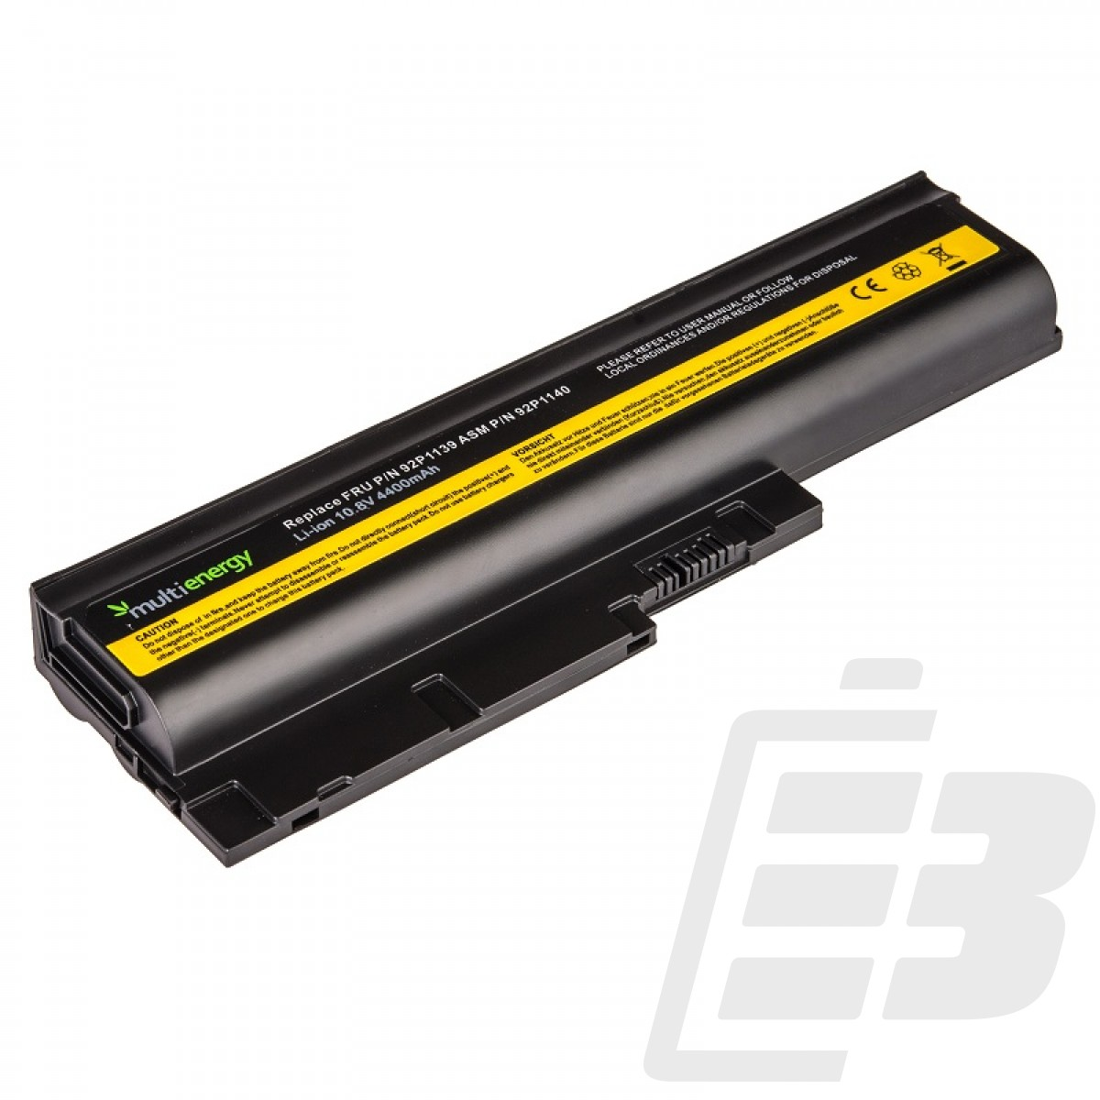 Μπαταρία Laptop Lenovo T61 4400mah_1